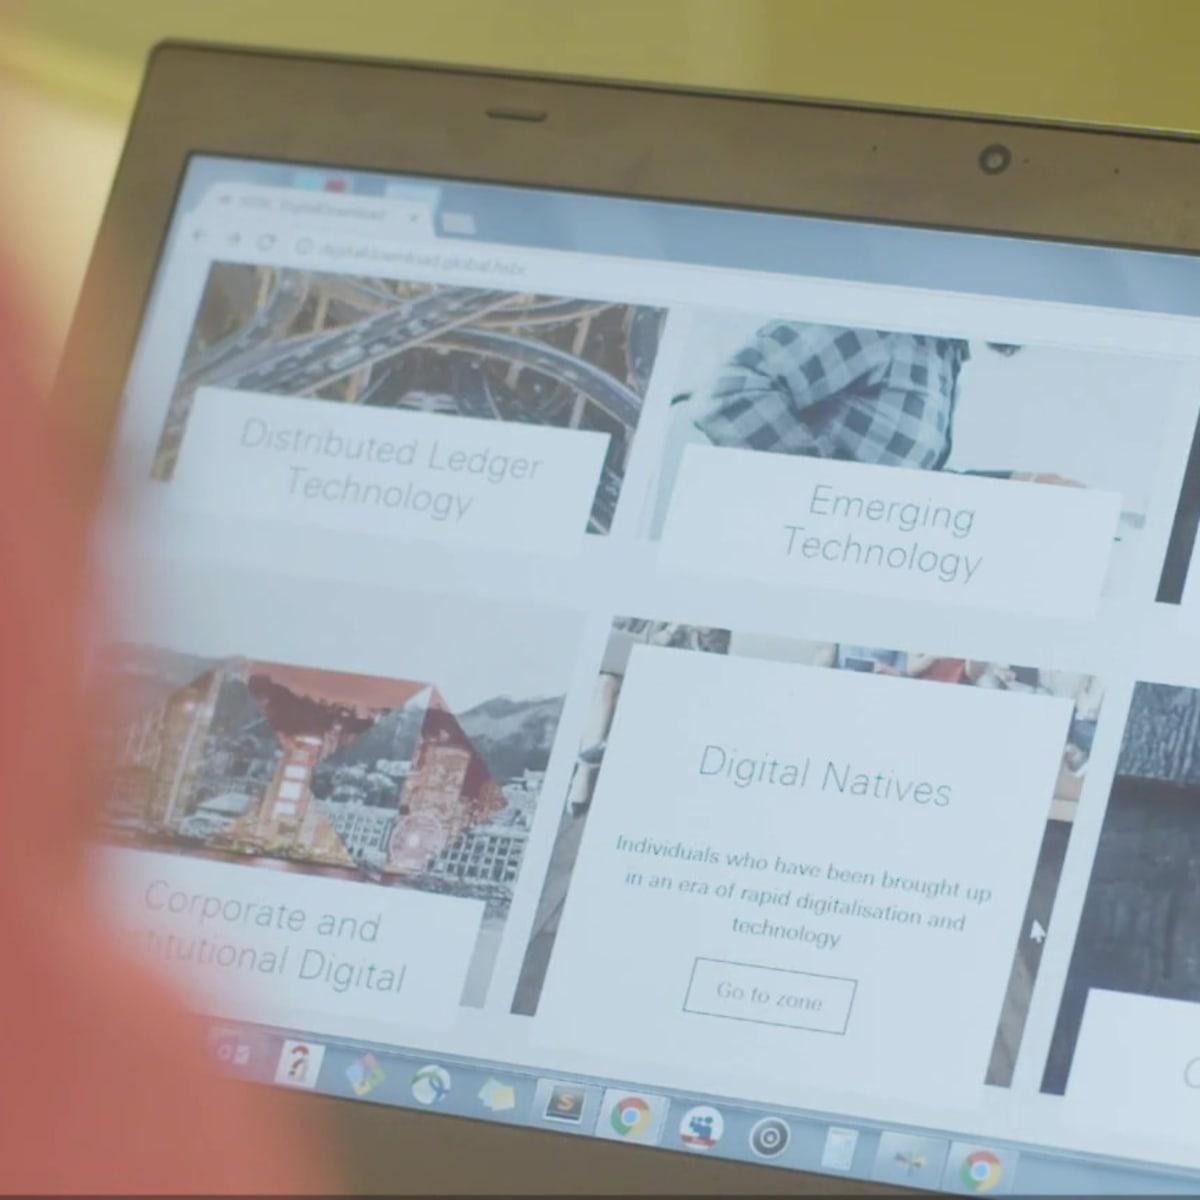 HSBC Digital Download HERO